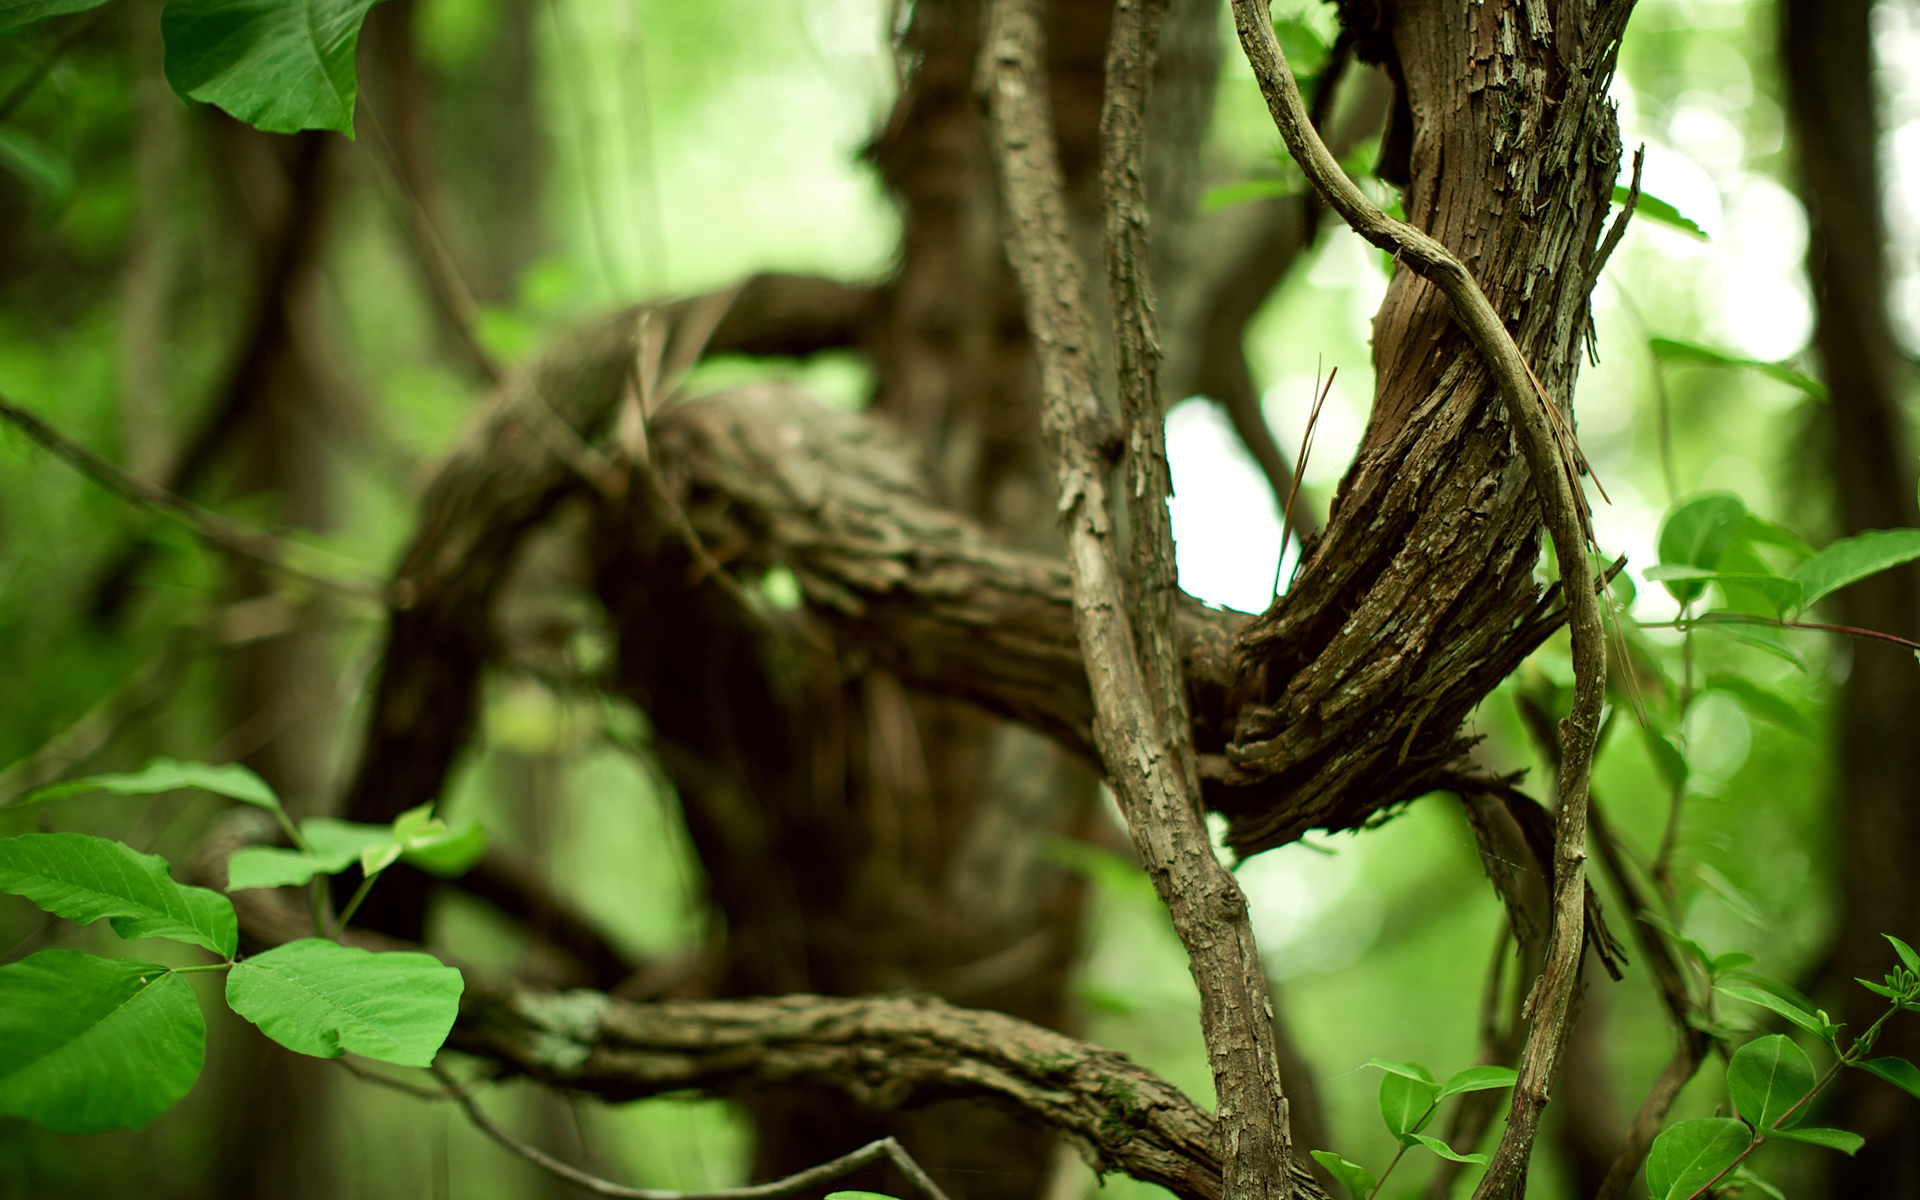 природа деревья ветки листья nature trees branches leaves  № 1275155 бесплатно